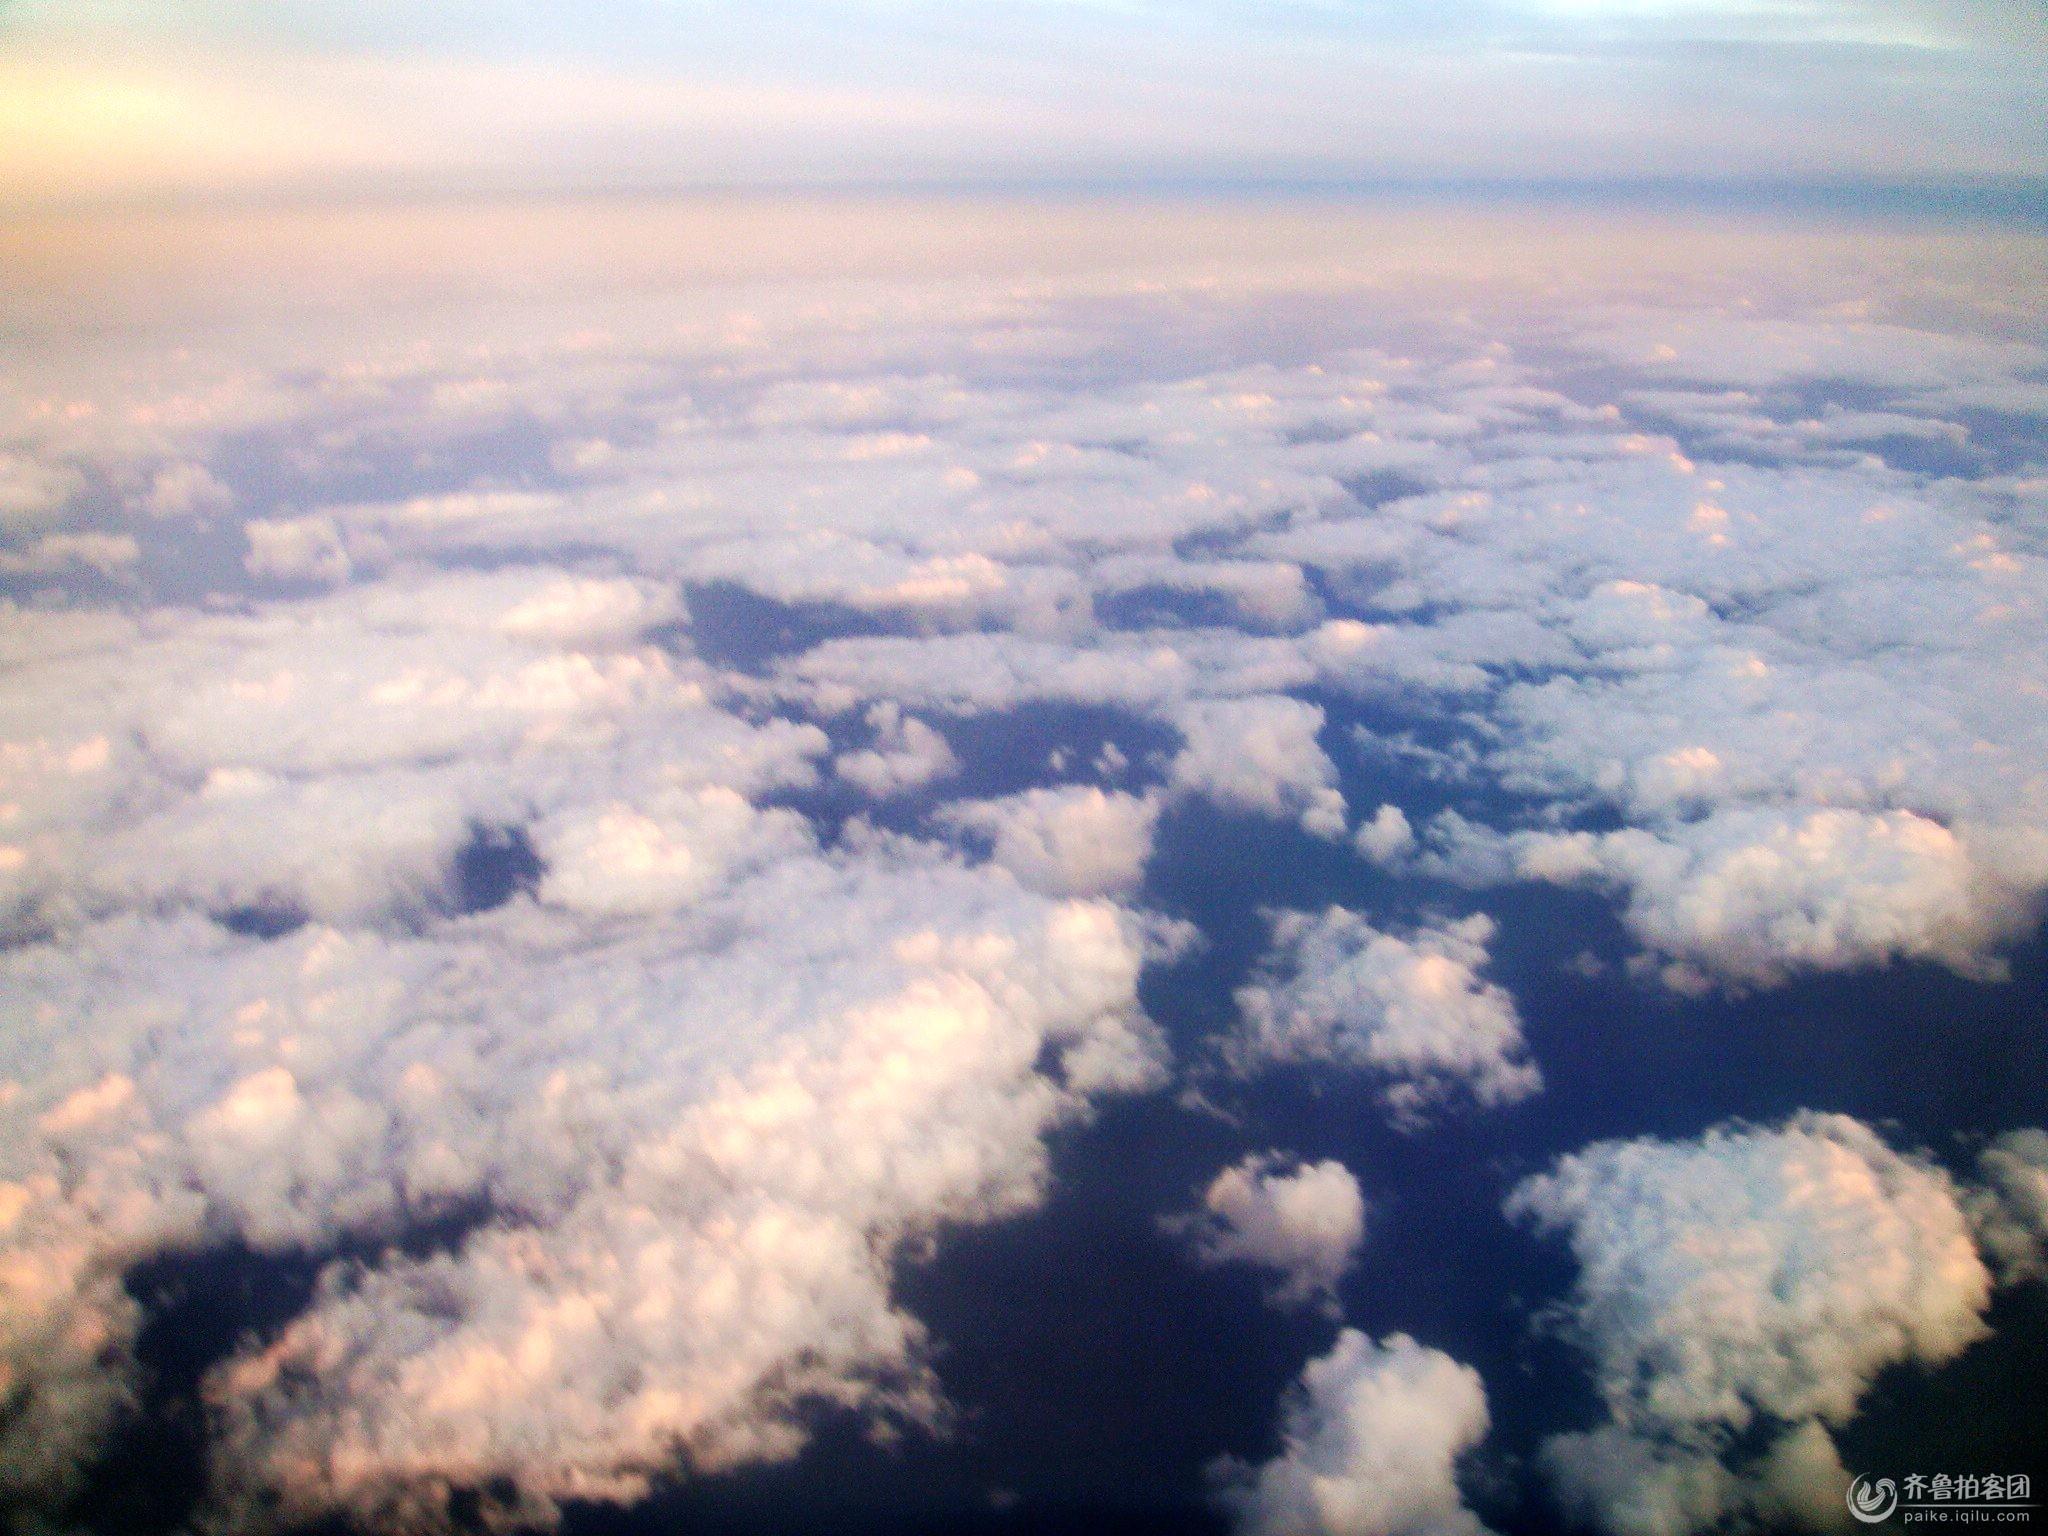 从飞机上看到天空中的云